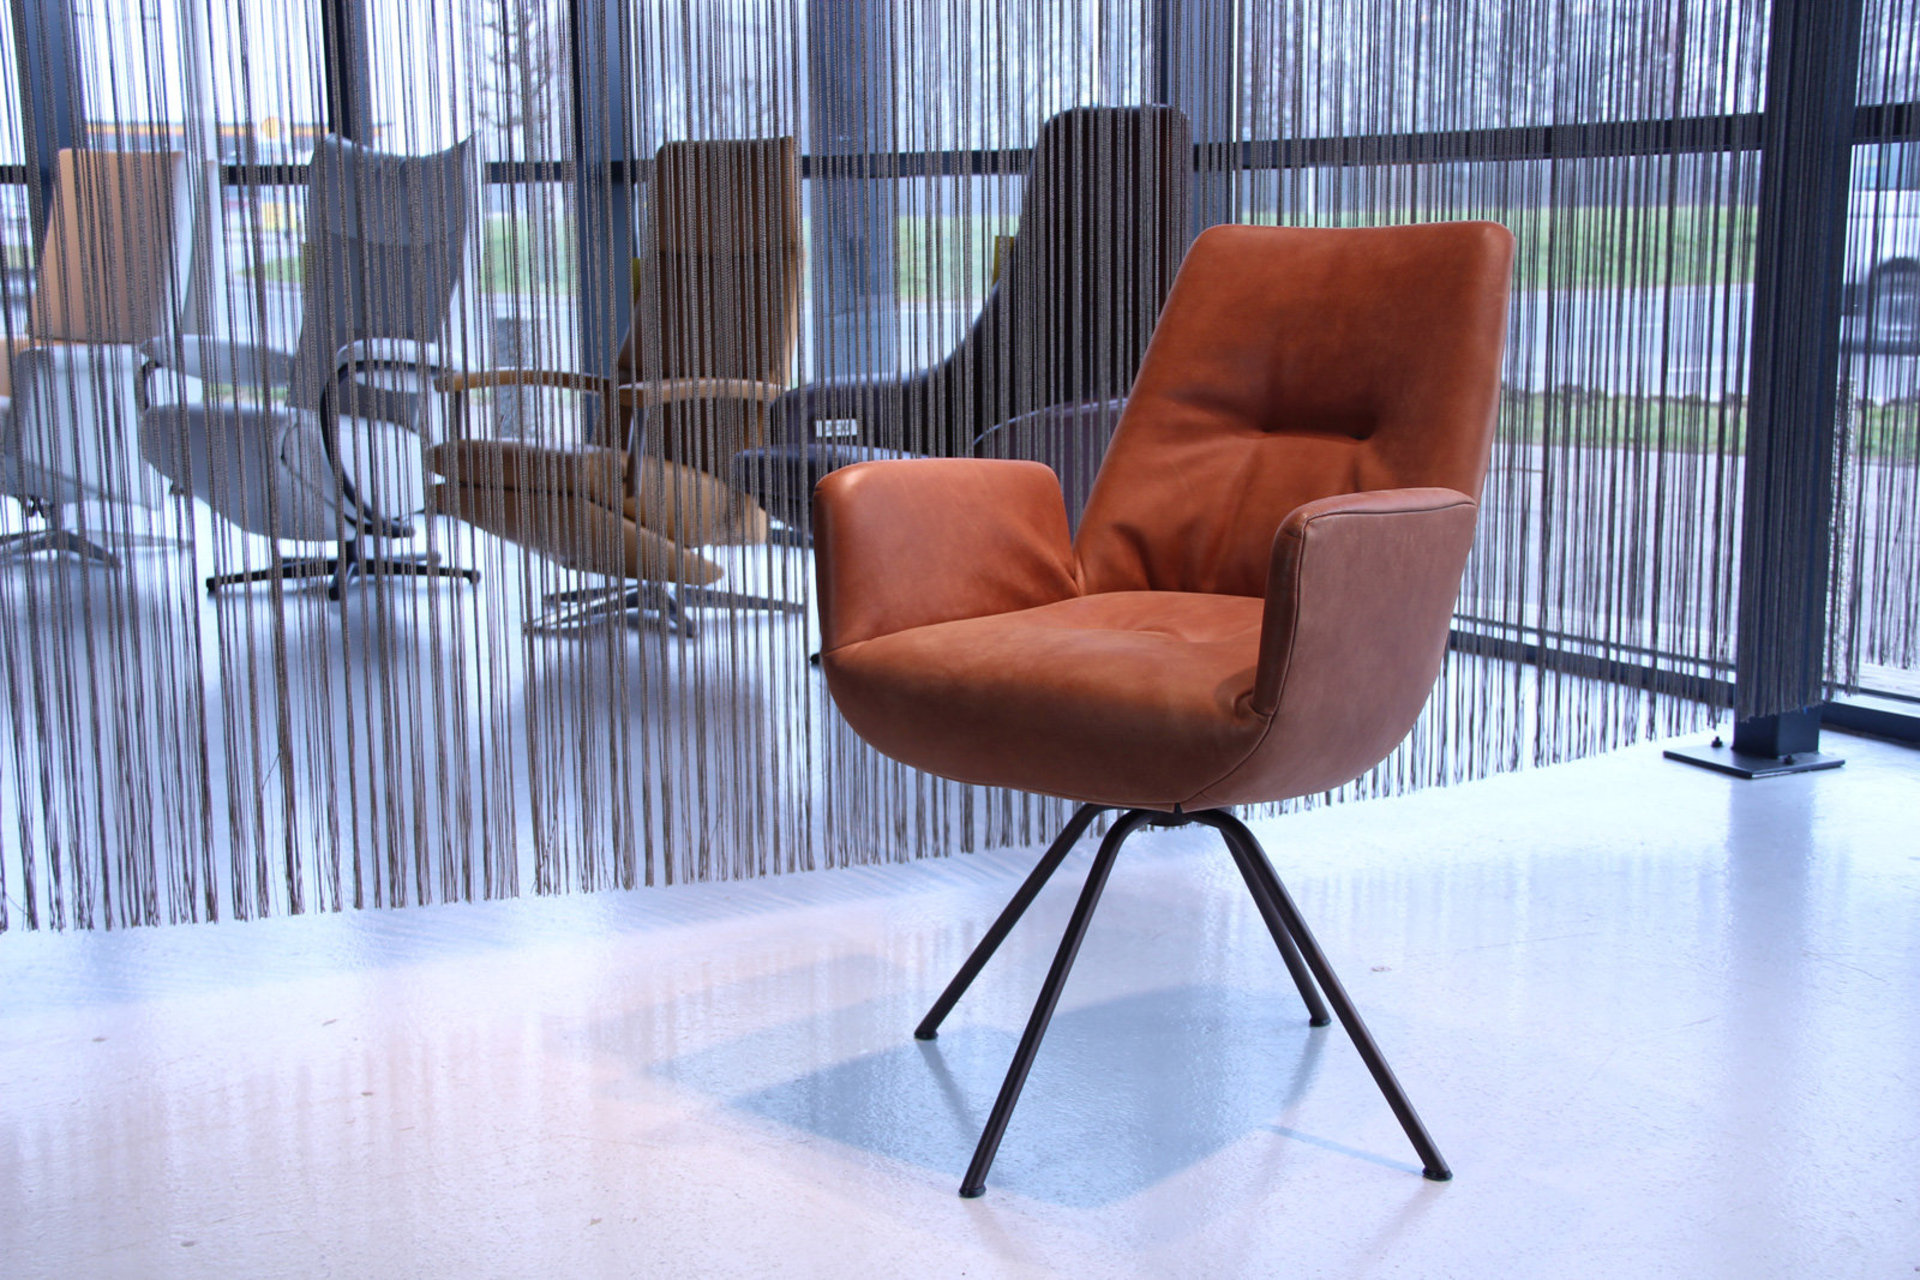 img-0188.jpg-eetkamerstoel-design-lody-draai-gealux-bentley-leder-200-cognac.jpg